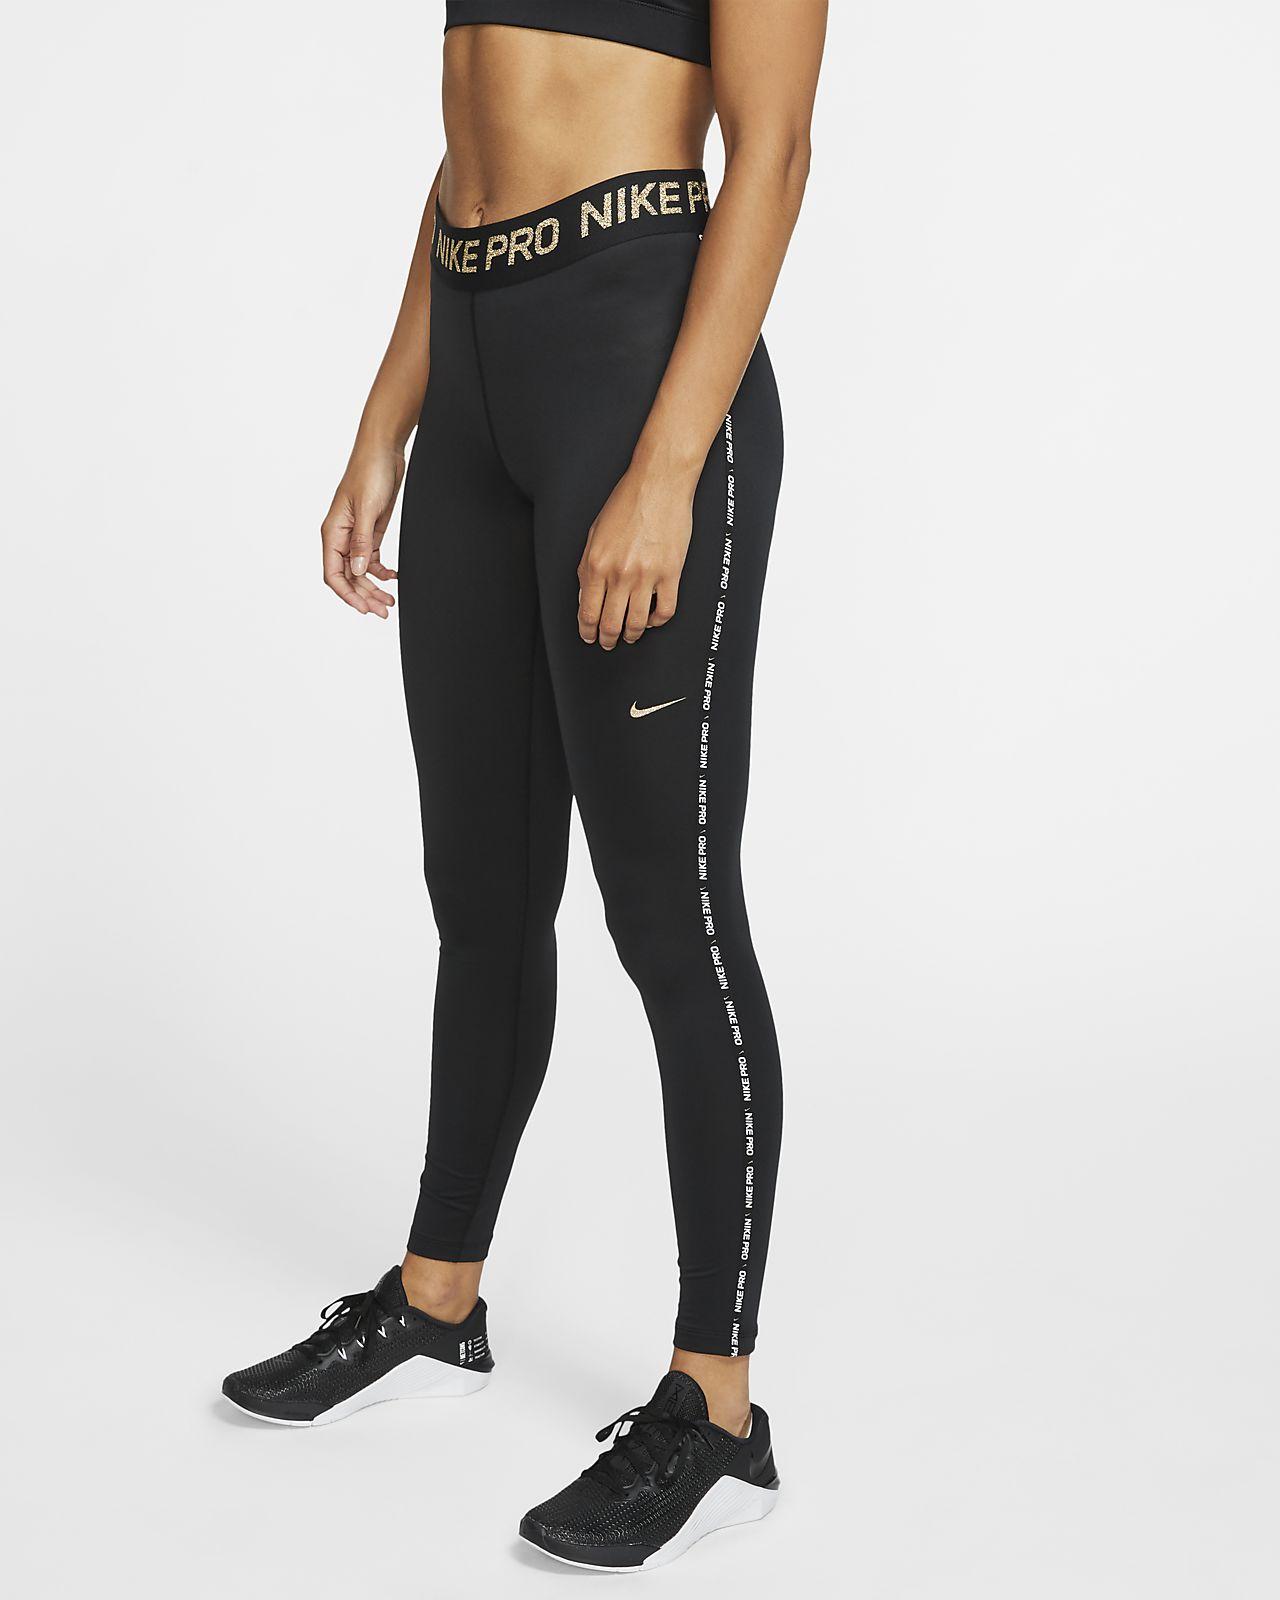 Γυναικείο κολάν με μεταλλιζέ όψη Nike Pro Warm